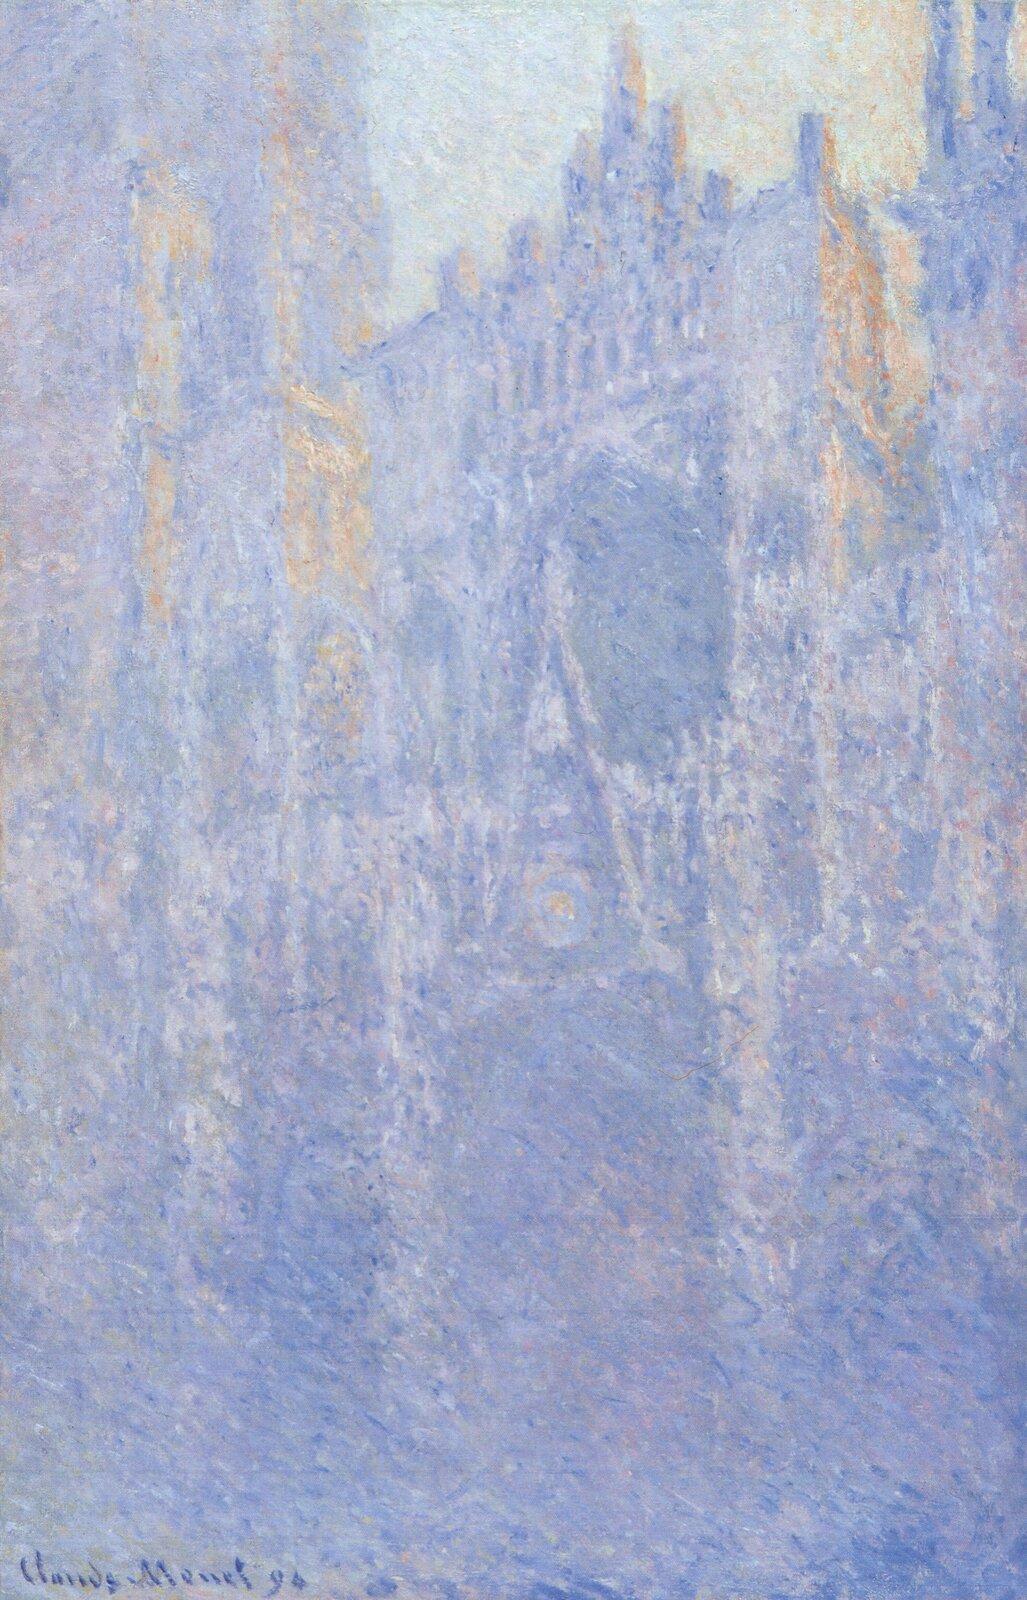 """Ilustracja przedstawia obraz olejny """"Katedra wRouen"""" autorstwa Clauda Moneta. Dzieło ukazuje fasadę katedry Notre-Dame wRouen. Płótno namalowane jest przy pomocą techniki puentylistycznej: drobnymi plamkami czystego koloru artysta stworzył iluzję światła iprzestrzeni. Dolna partia budowli rozmywa się wniebieskim, drgającym cieniu. Im wyżej, tym więcej wyłania się drobnych rzeźbionych elementów architektonicznych. Wgórnej partii obrazu namalowanych zostało kilka plam pomarańczowego światła układającego się na fasadzie irozświetlającego fragment nieba. Dzieło utrzymane jest wchłodnej, wąskiej, błękitno-granatowo-fioletowej gamie barw zkilkoma akcentami oranżów. Jest jednym z20 namalowanych przez Moneta obrazów przedstawiających fasadę katedry Notre Dame."""